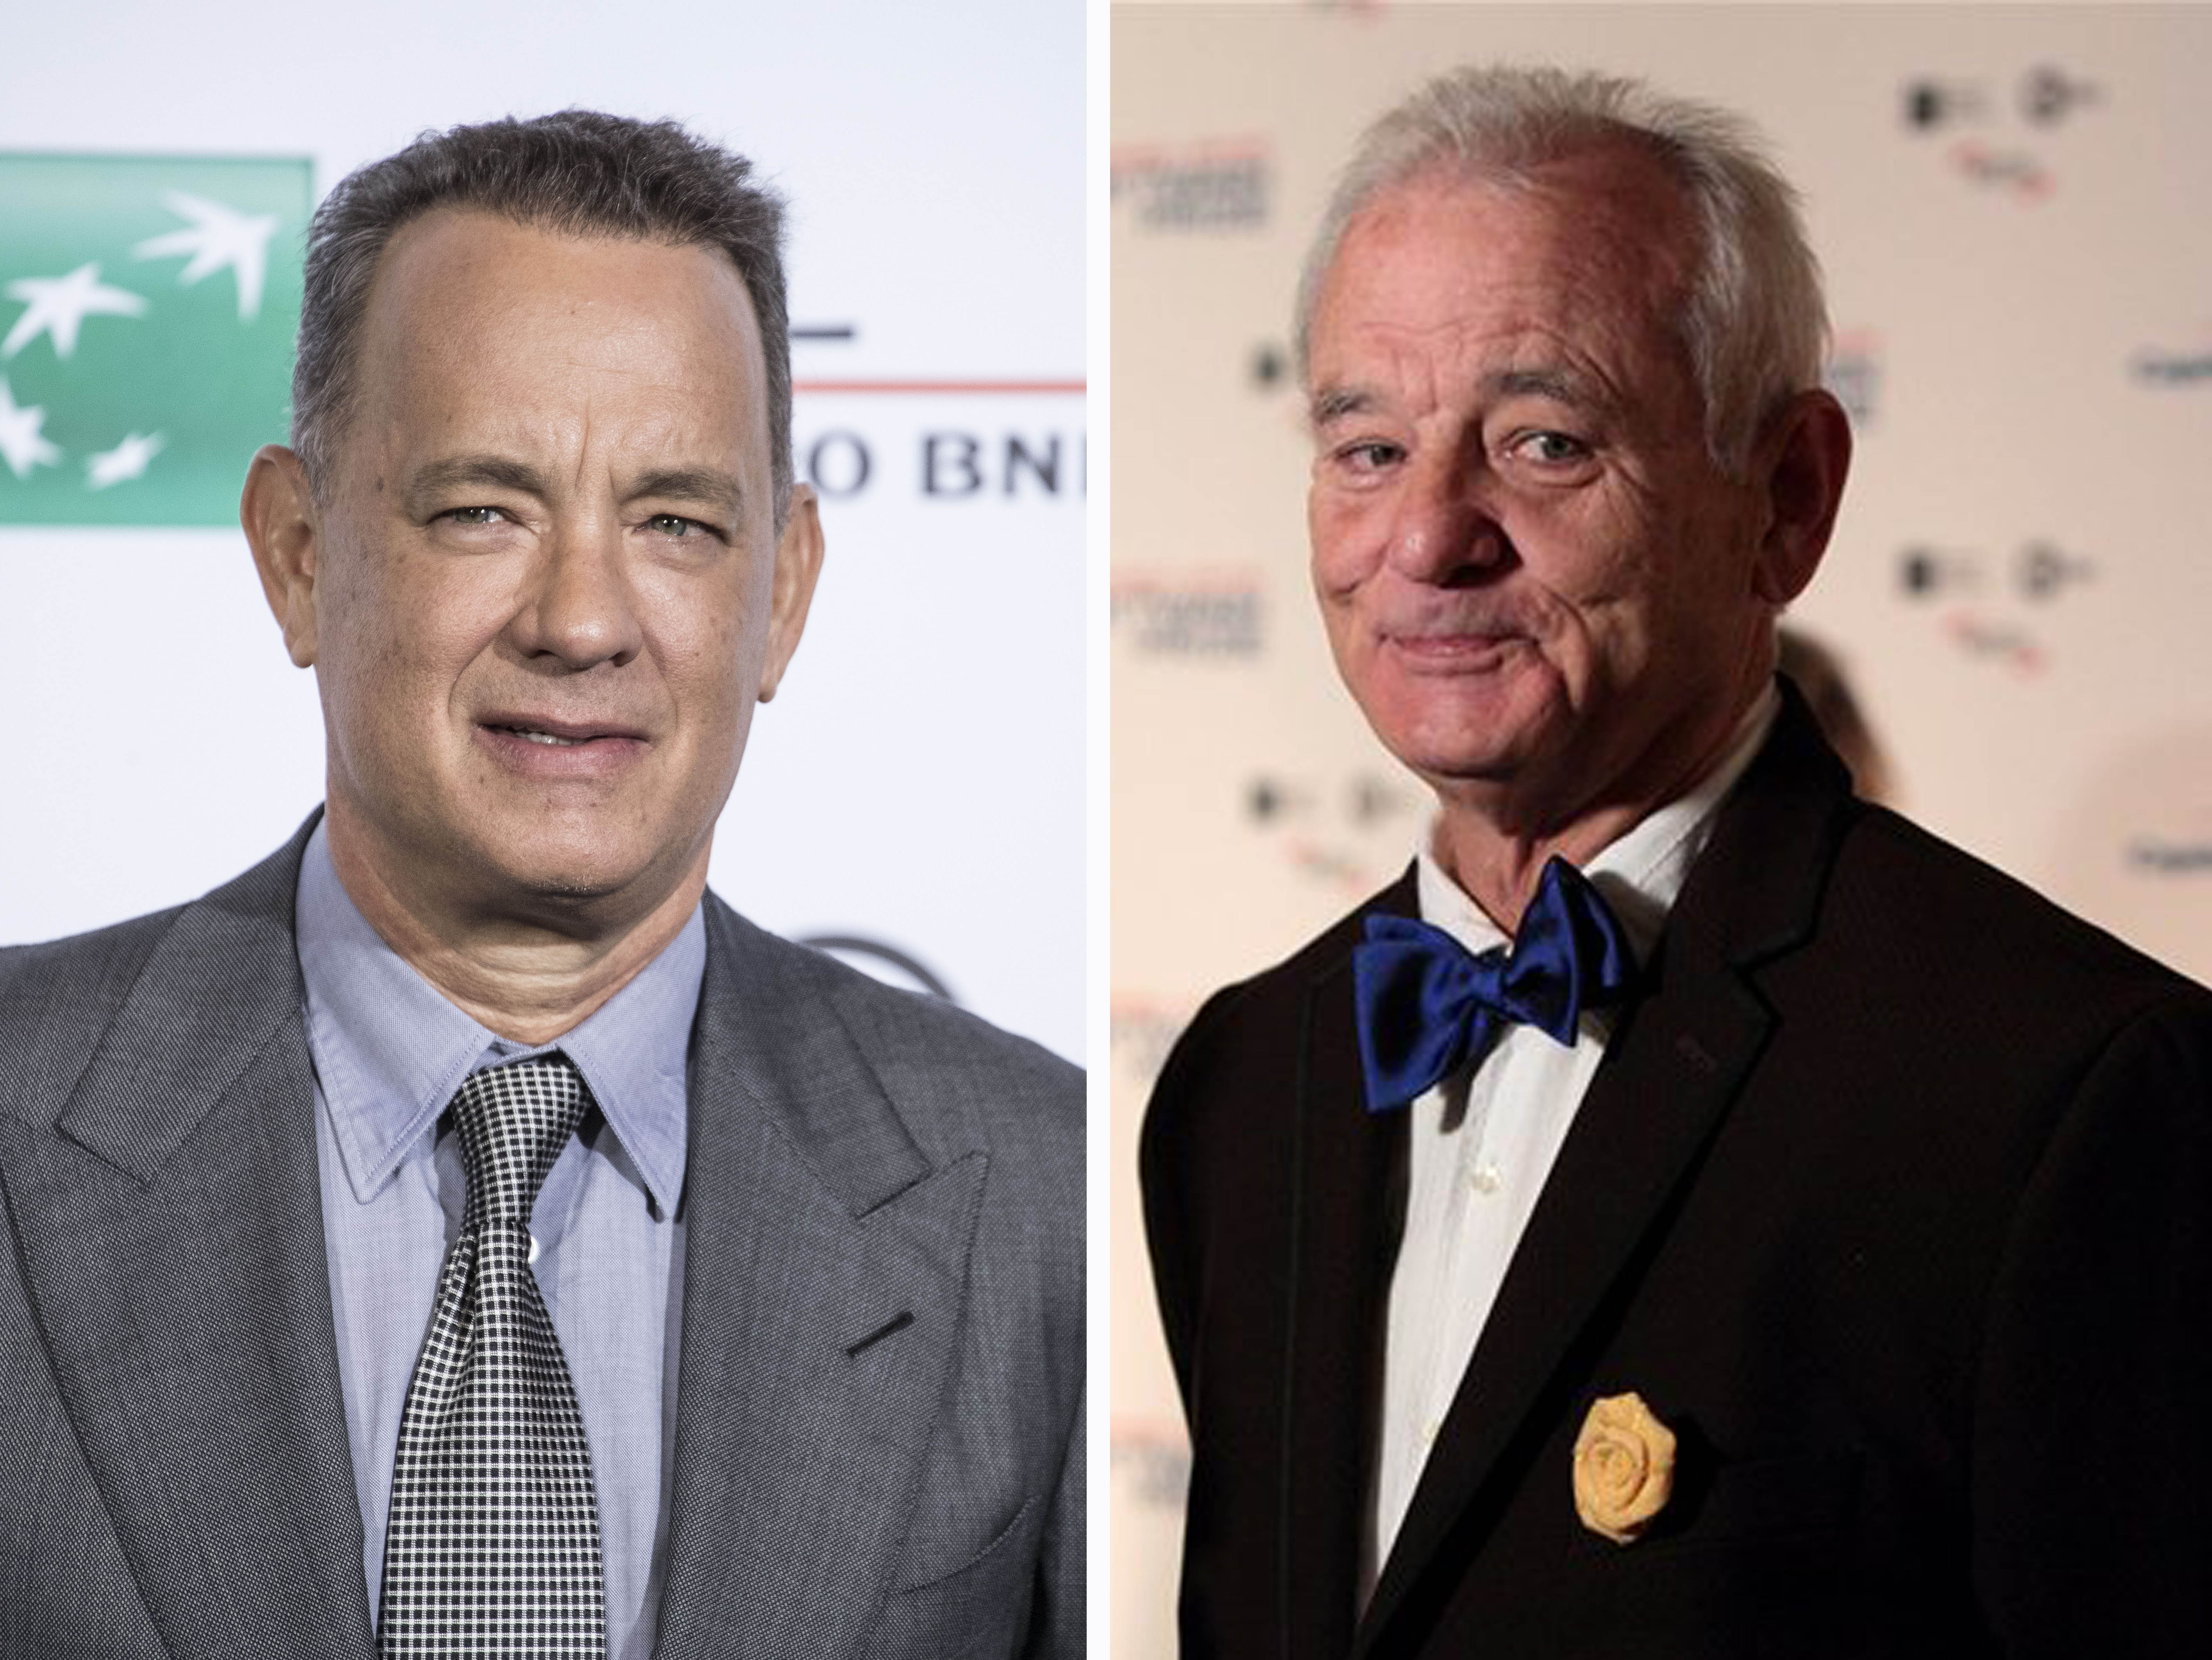 Verwarring alom: Is het Bill Murray of toch Tom Hanks?